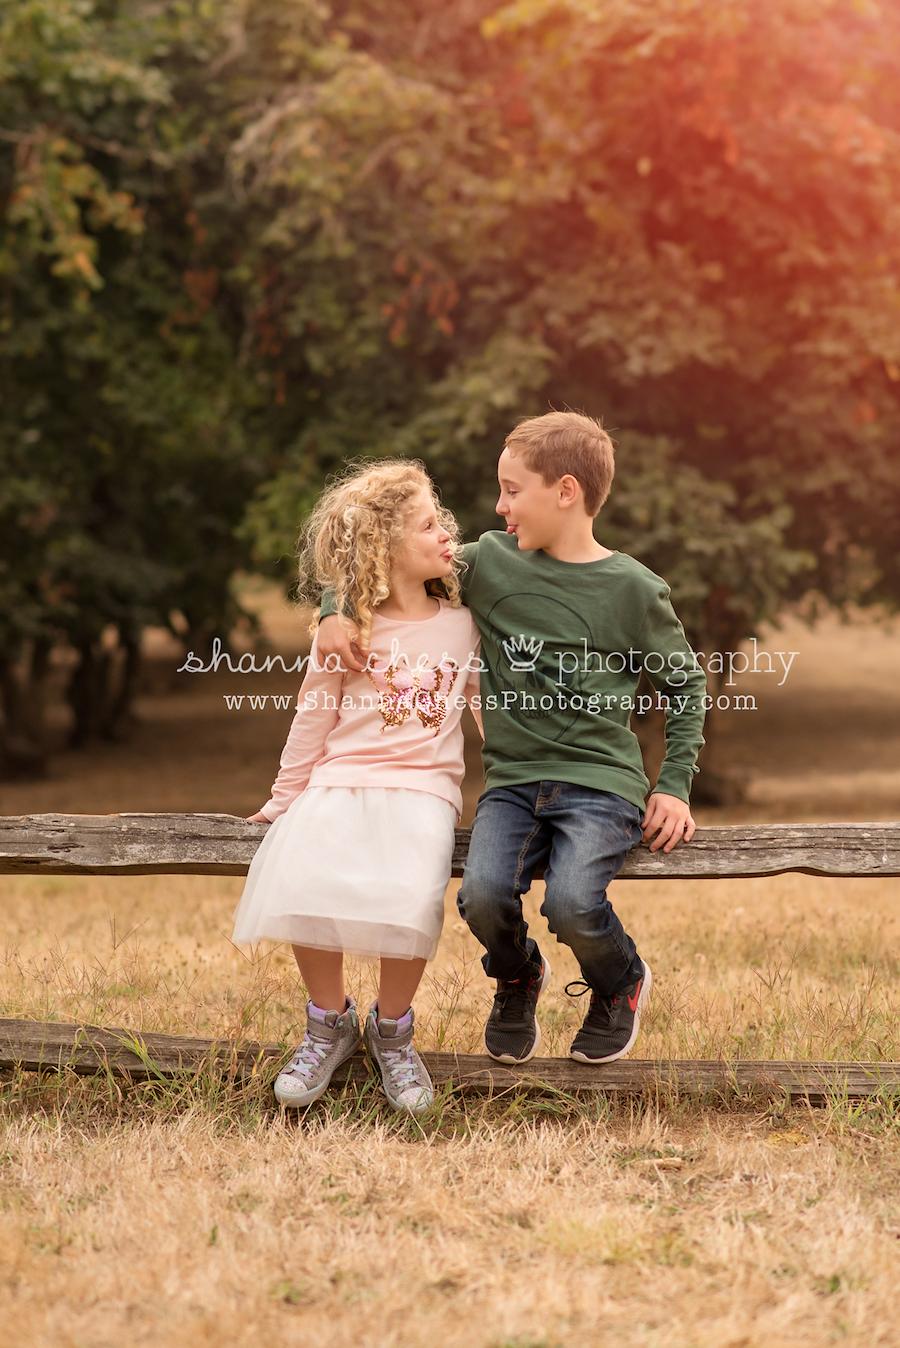 eugene oregon family and child photographer